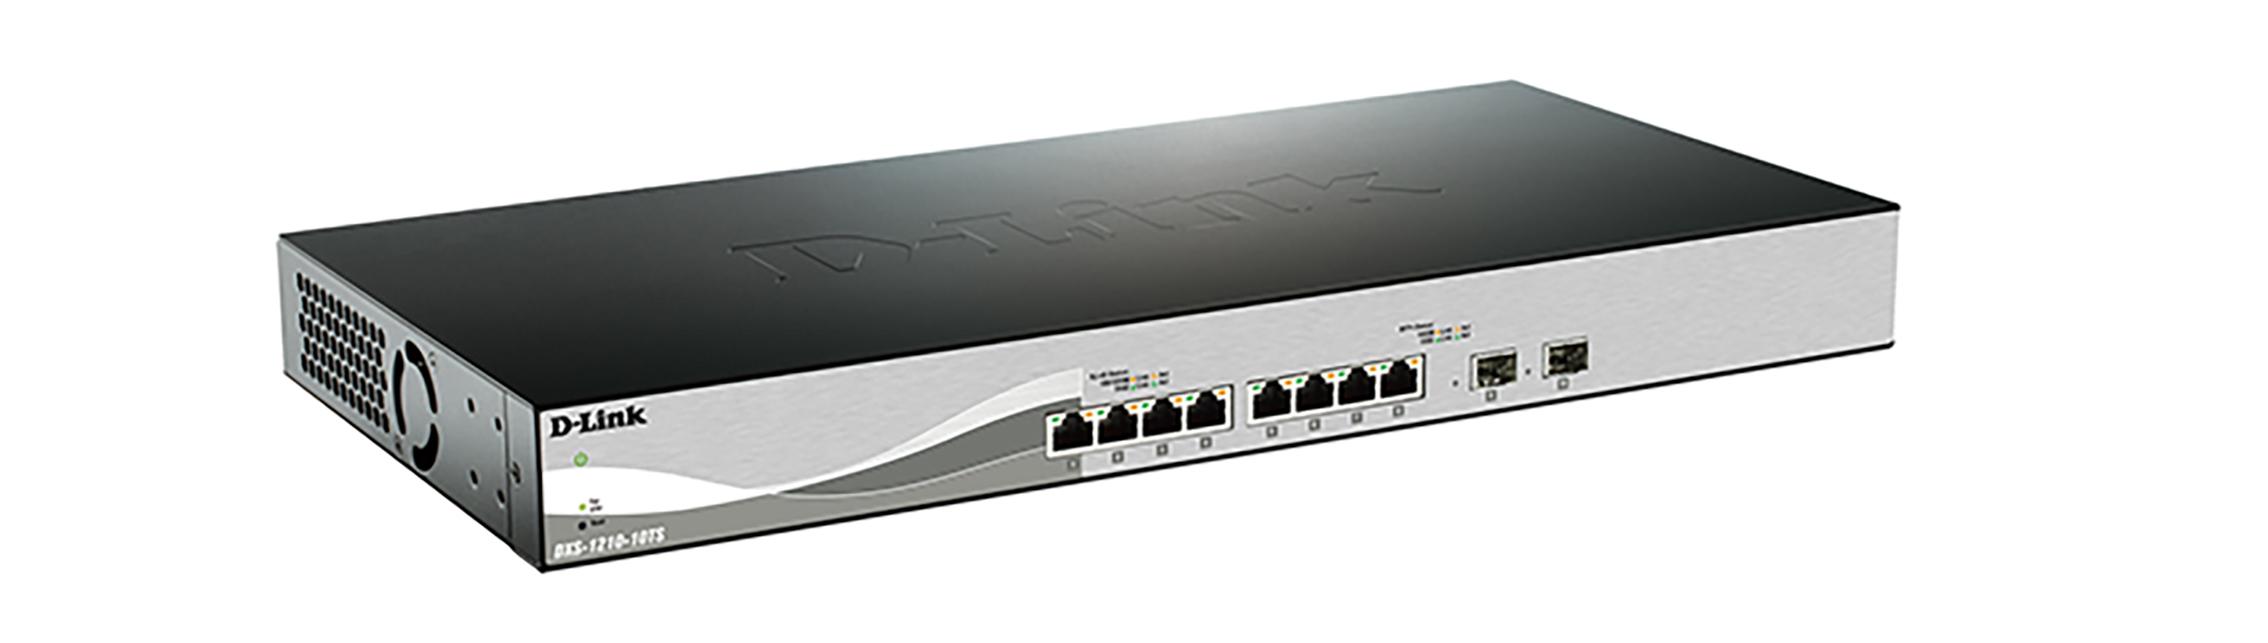 Harga Jual D-Link (DXS‑1210) 10 Gigabit Ethernet Smart Managed Switches